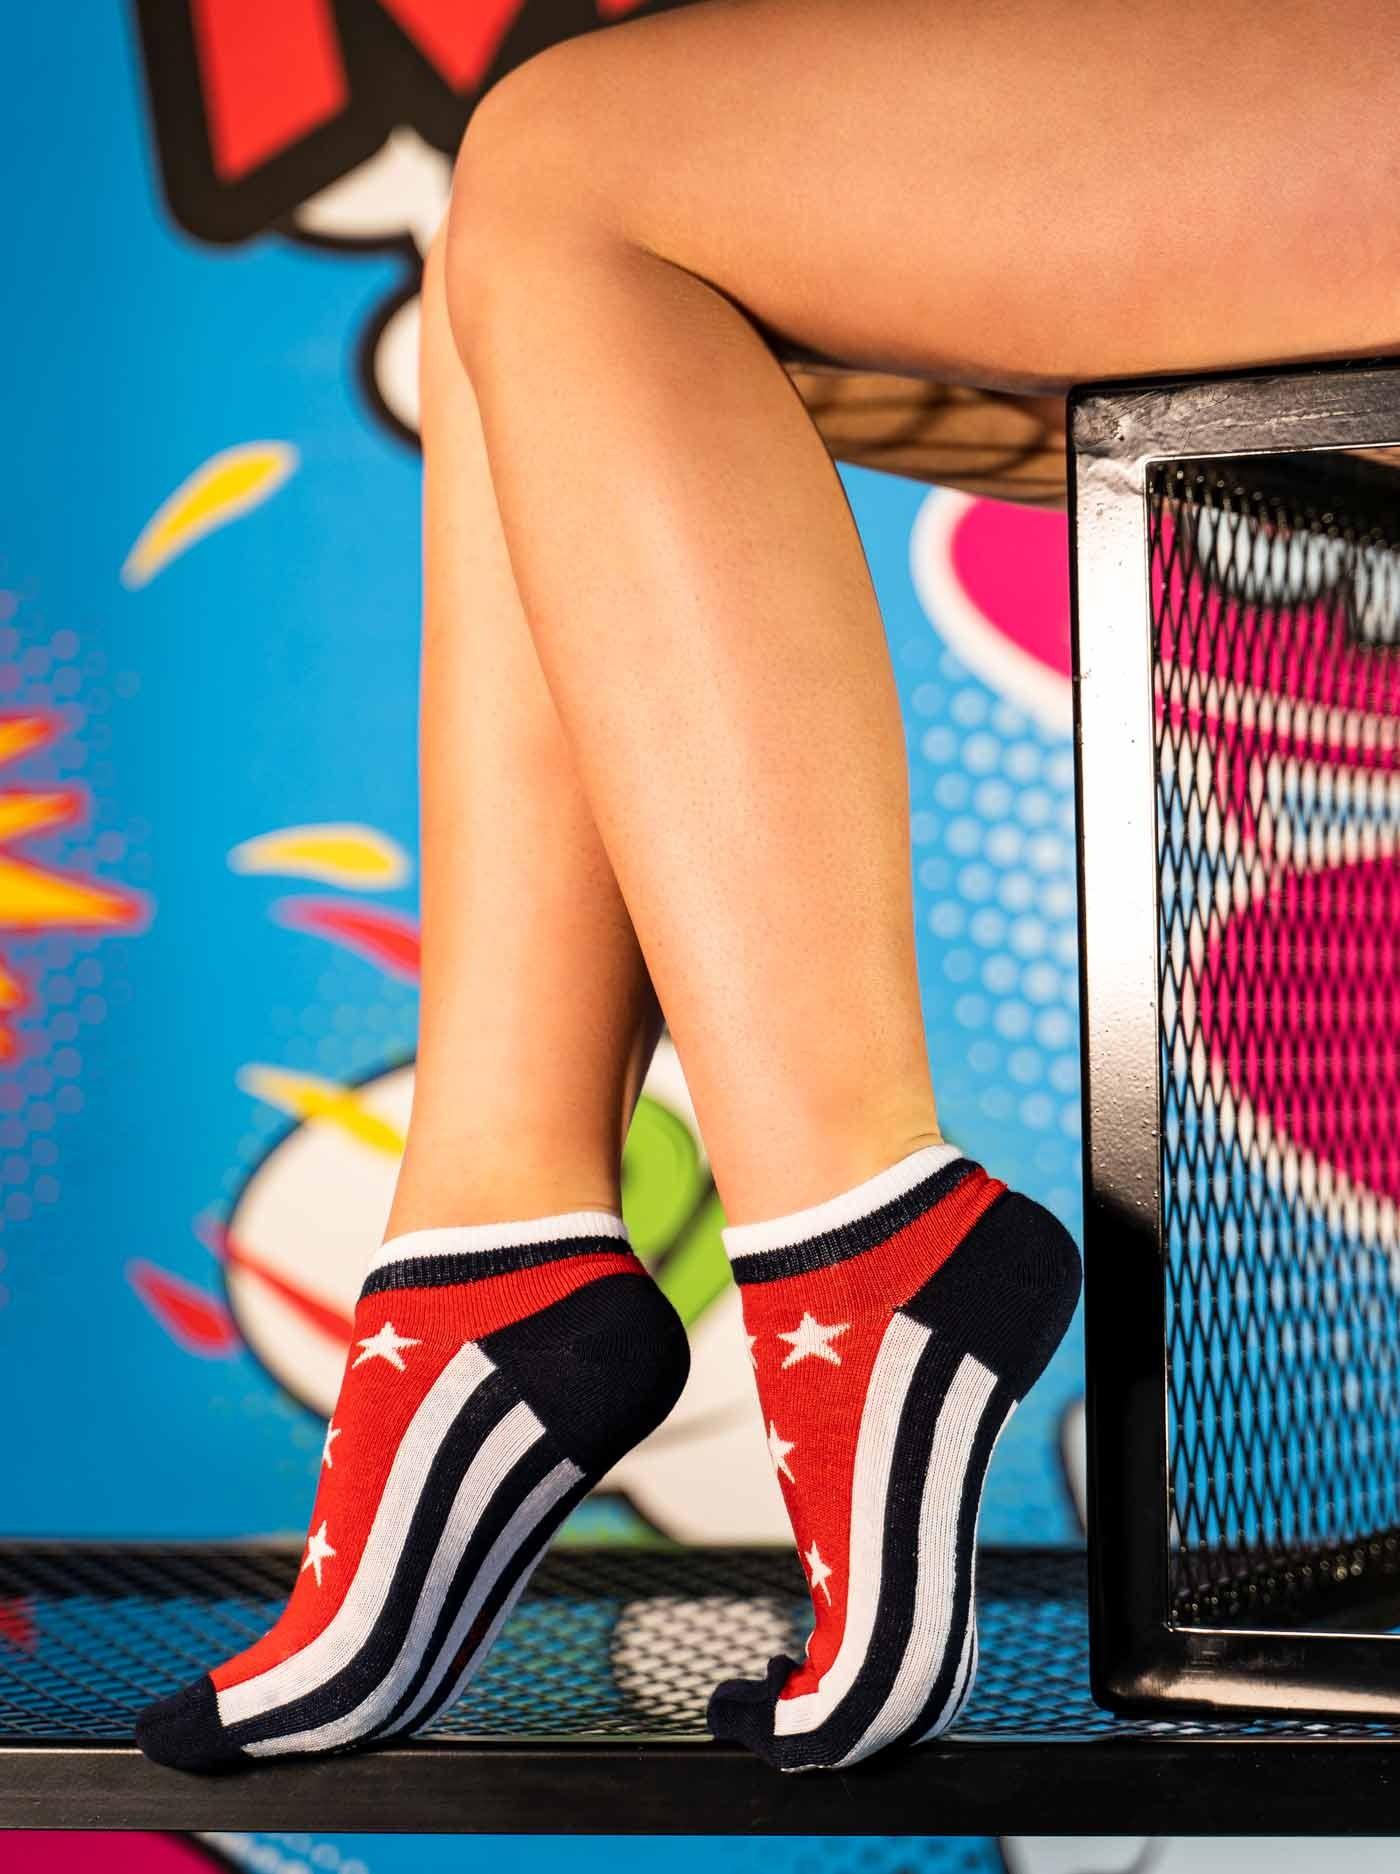 FUN Low Cut Socks Stars Red